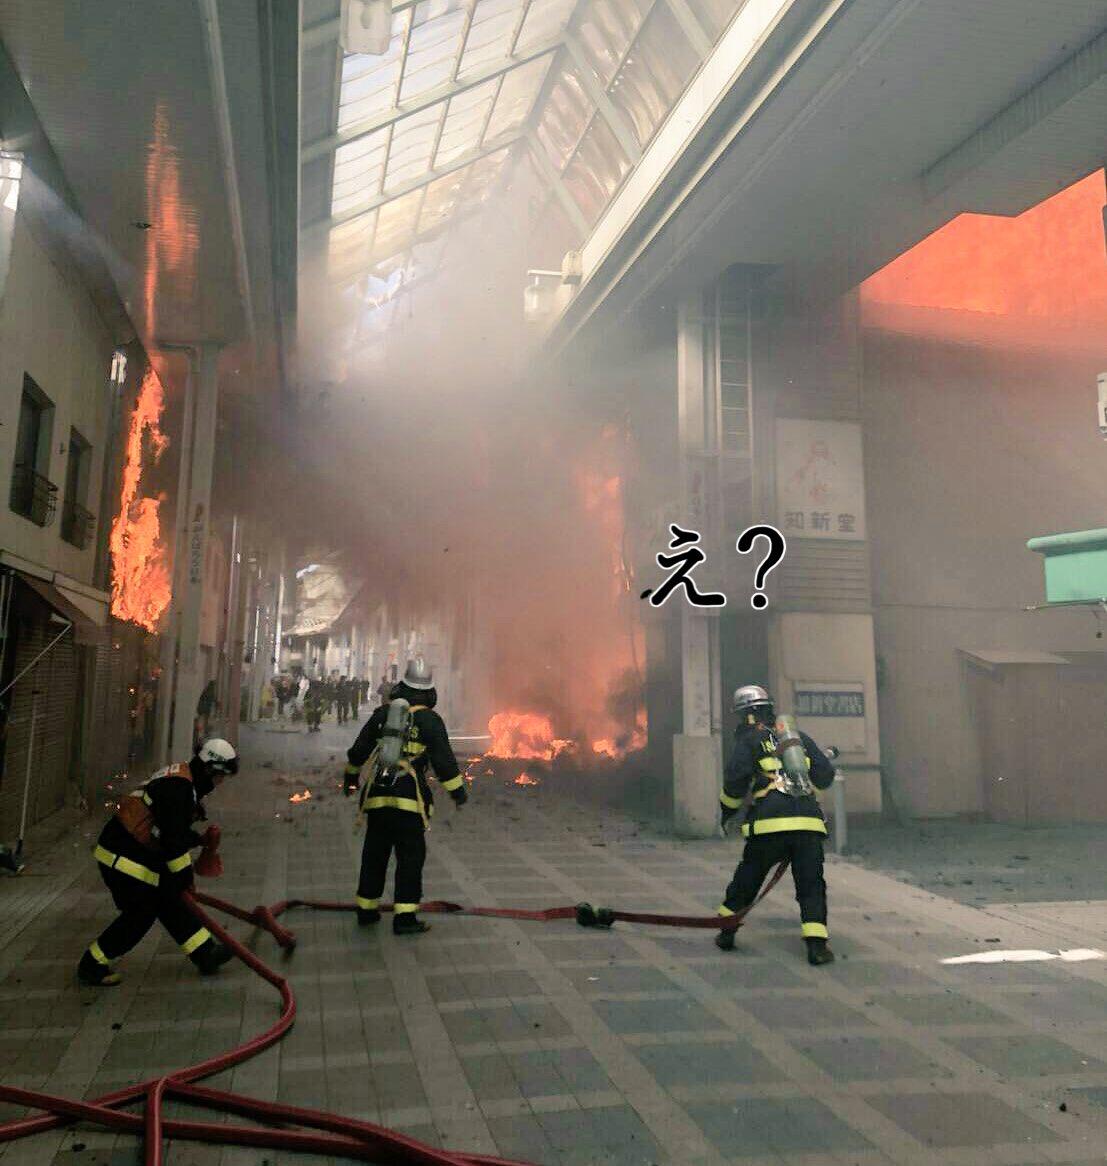 【火事】東京都町田市三輪町付近で火災発生 現場 …